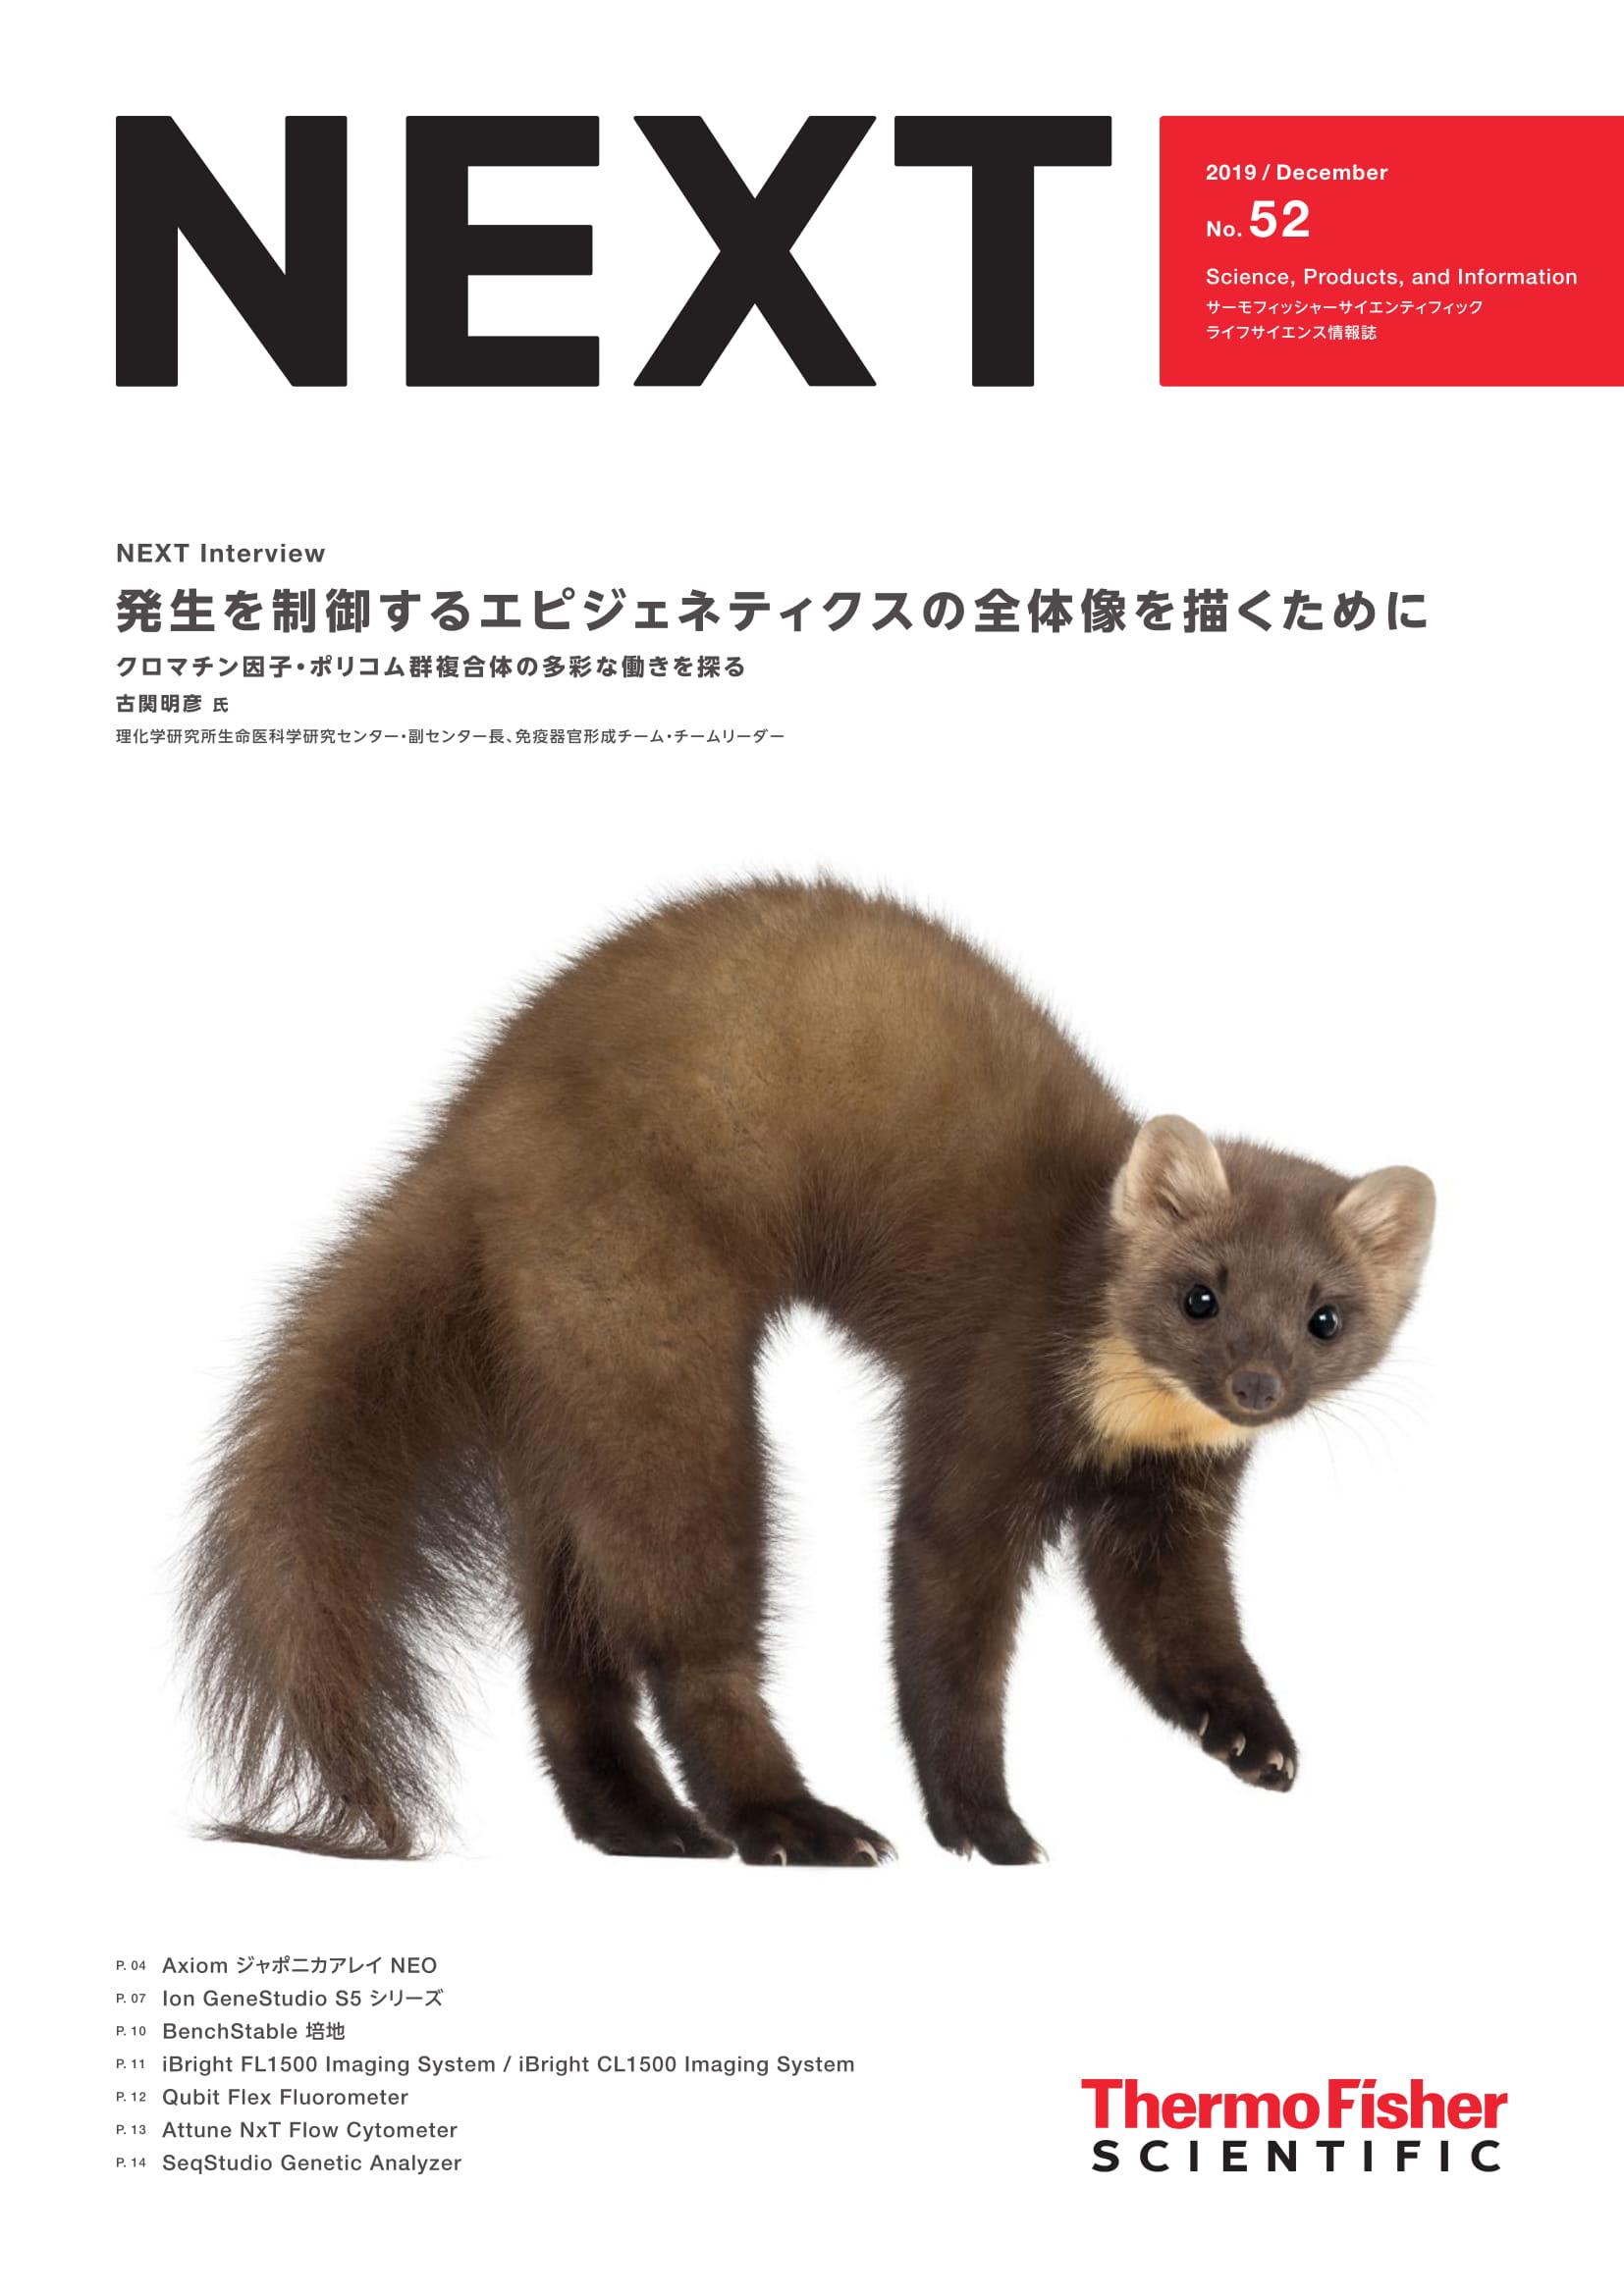 ライフサイエンス情報誌 NEXT 12月号【サーモフィッシャー 】